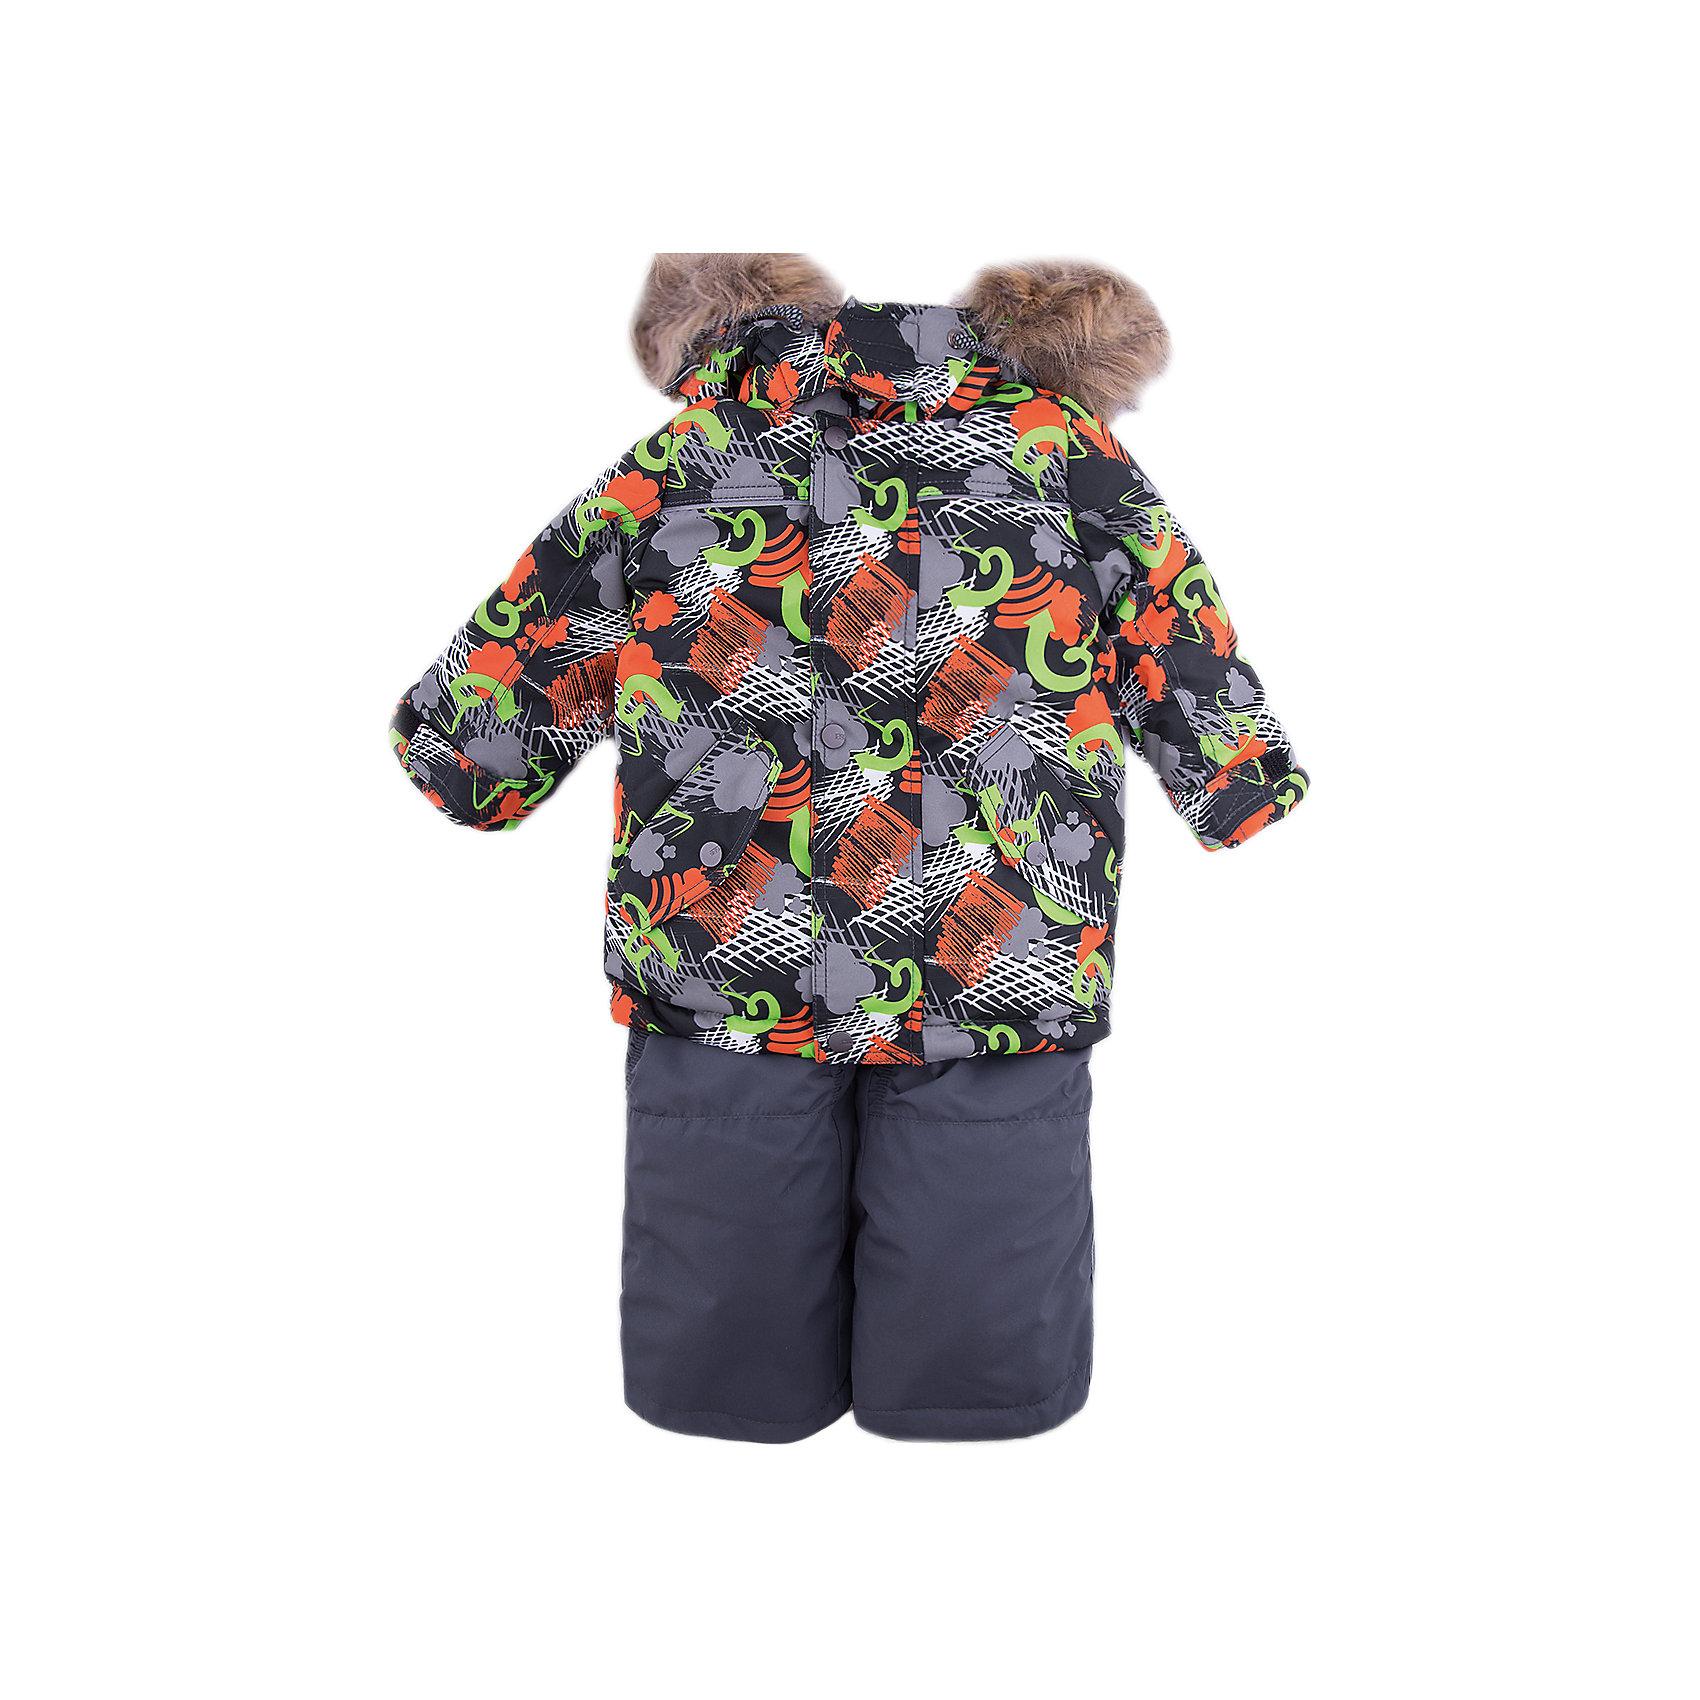 Комплект: куртка и полукомбенизон Дима Batik для мальчикаВерхняя одежда<br>Характеристики товара:<br><br>• цвет: красный<br>• комплектация: куртка и полукомбинезон, толстовка<br>• состав ткани: таслан<br>• подкладка: поларфлис<br>• утеплитель: слайтекс<br>• сезон: зима<br>• мембранное покрытие<br>• температурный режим: от -35 до 0<br>• водонепроницаемость: 5000 мм <br>• паропроницаемость: 5000 г/м2<br>• плотность утеплителя: куртка - 350 г/м2, полукомбинезон - 200 г/м2<br>• застежка: молния<br>• капюшон: с мехом, отстегивается<br>• в комплекте толстовка<br>• встроенный термодатчик<br>• страна бренда: Россия<br>• страна изготовитель: Россия<br><br>Такой зимний комплект для ребенка дополнен множеством полезных деталей. Модный мембранный комплект для мальчика элементарно чистится и долго служит. Детский комплект для зимы сделан легкого, но теплого материала. Этот мембранный комплект для мальчика отличается удобной системой регулировки размера под ребенка. <br><br>Комплект: куртка и полукомбинезон Дима Batik (Батик) для мальчика можно купить в нашем интернет-магазине.<br><br>Ширина мм: 356<br>Глубина мм: 10<br>Высота мм: 245<br>Вес г: 519<br>Цвет: оранжевый<br>Возраст от месяцев: 12<br>Возраст до месяцев: 18<br>Пол: Мужской<br>Возраст: Детский<br>Размер: 86,116,110,104,98,92<br>SKU: 7028305